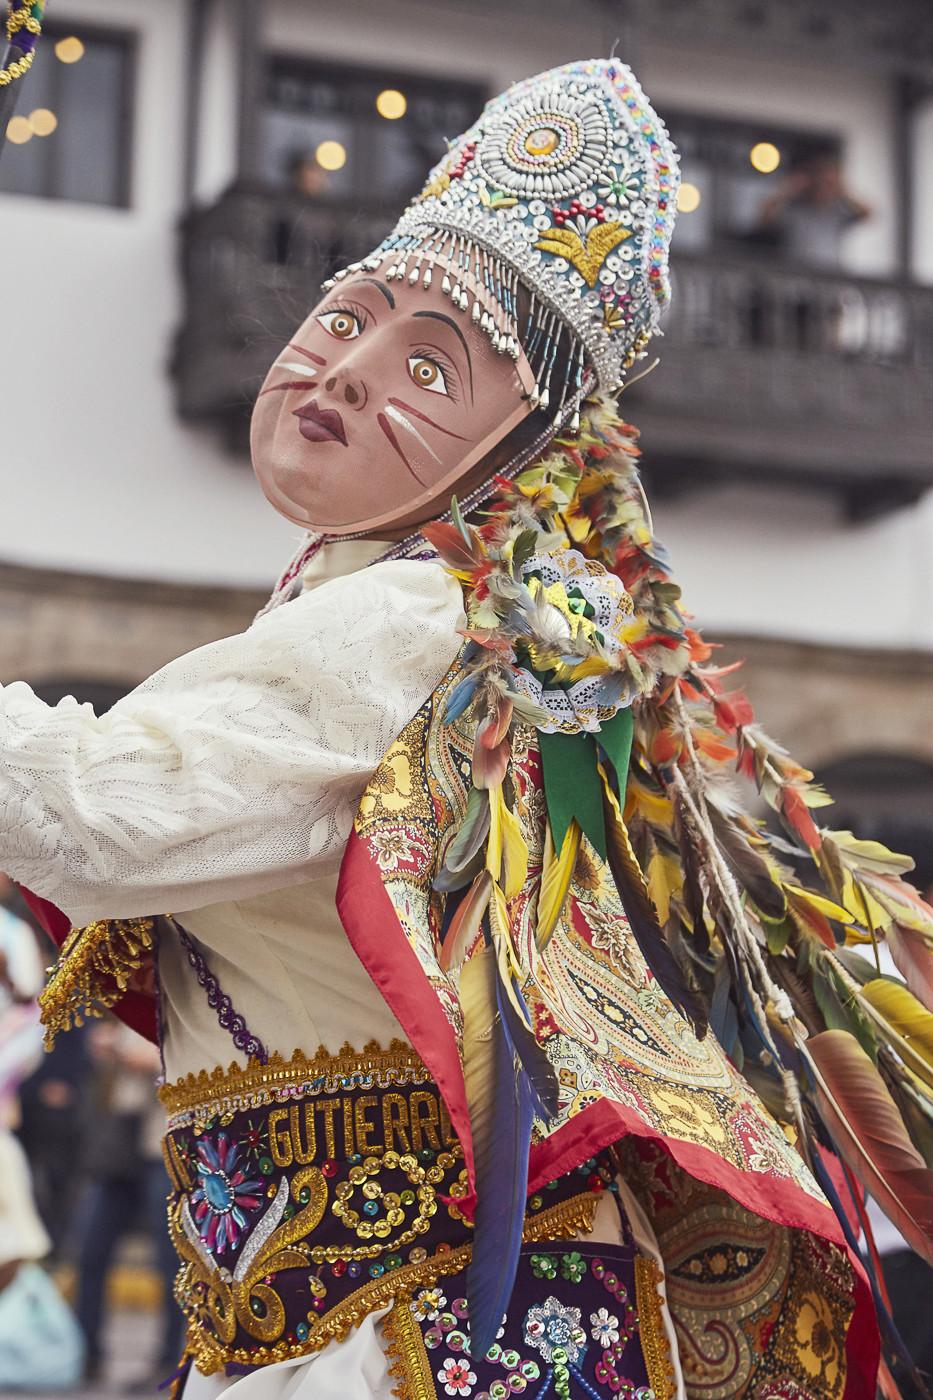 Frau mit bemalter Holzmaske, Federschmuck und einer Art Krone beim Umzug zur Fiesta del Señor de Huanca in Cusco, Peru